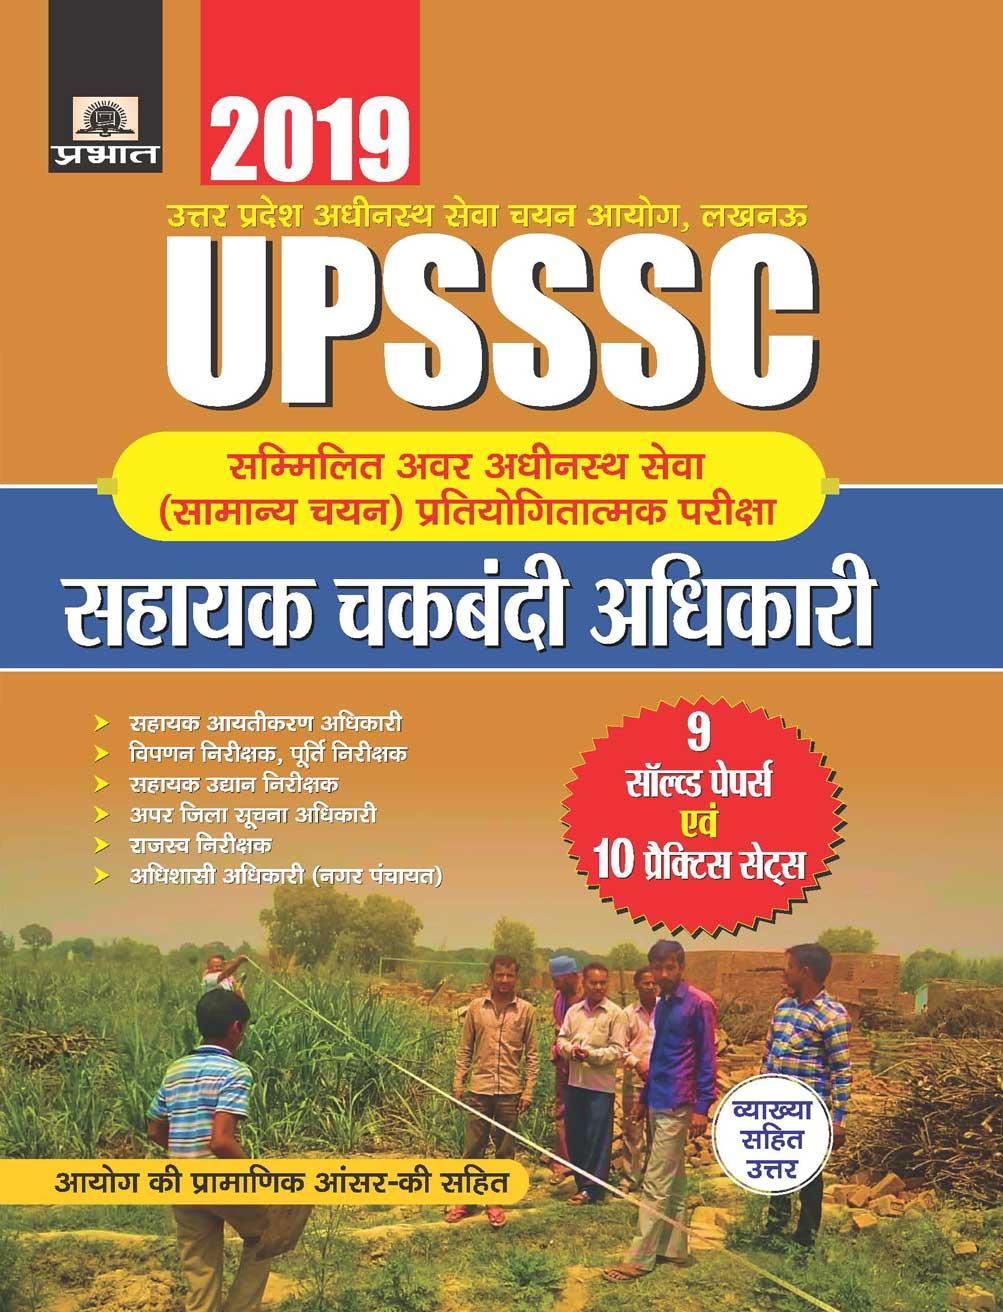 UPSSSC Sammilit Awar Adhinasth Sewa (Samanya Chayan) Pratiyogitatmak Pareeksha Sahayak Chakbandi Adhikari 9 Solved Papers Evam 10 Practice Set (PB)